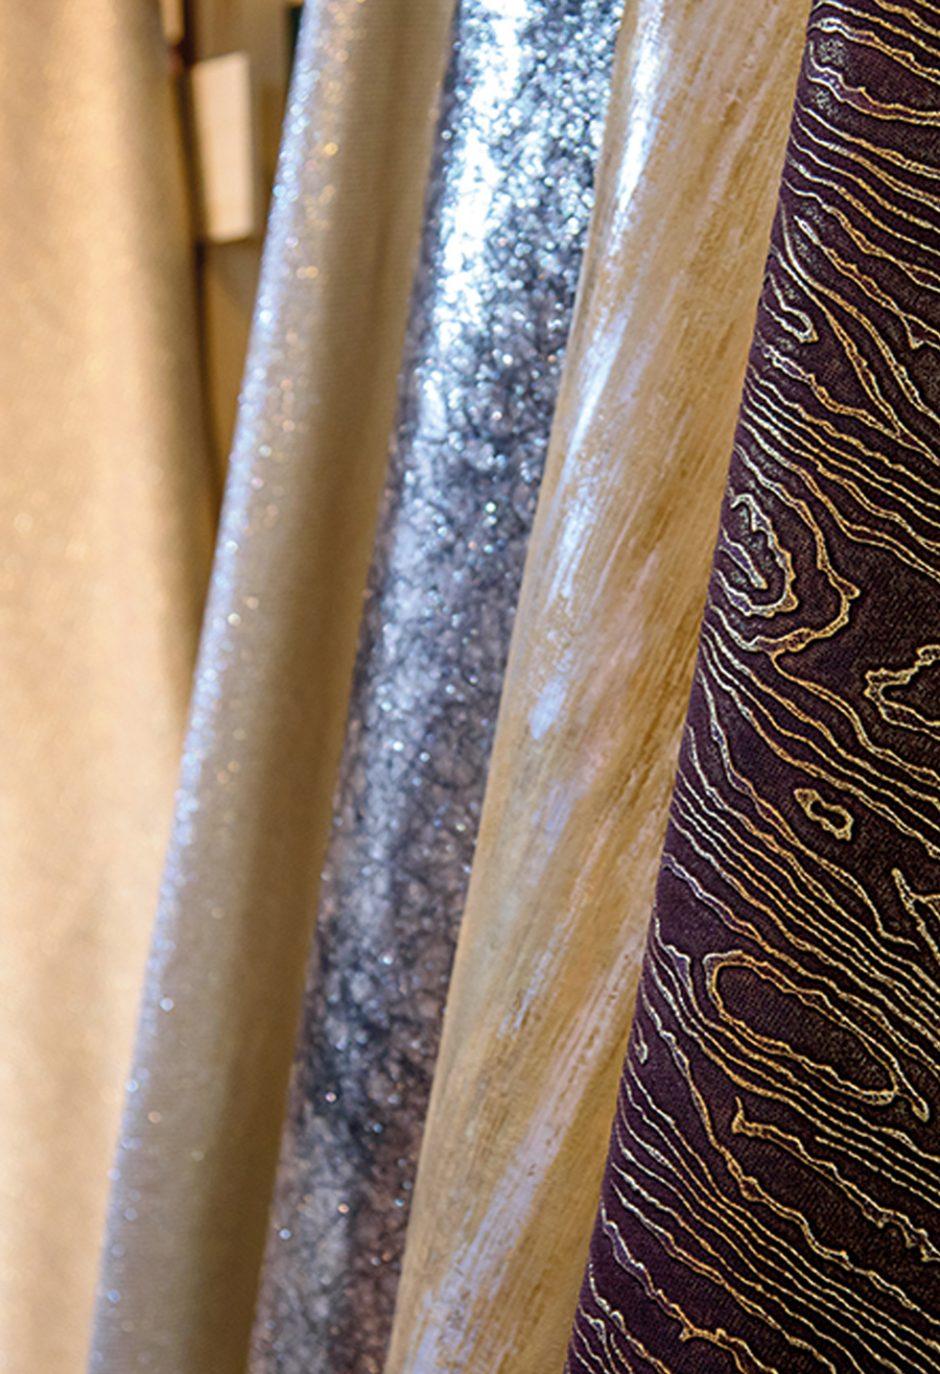 Home Textil Premium 2020